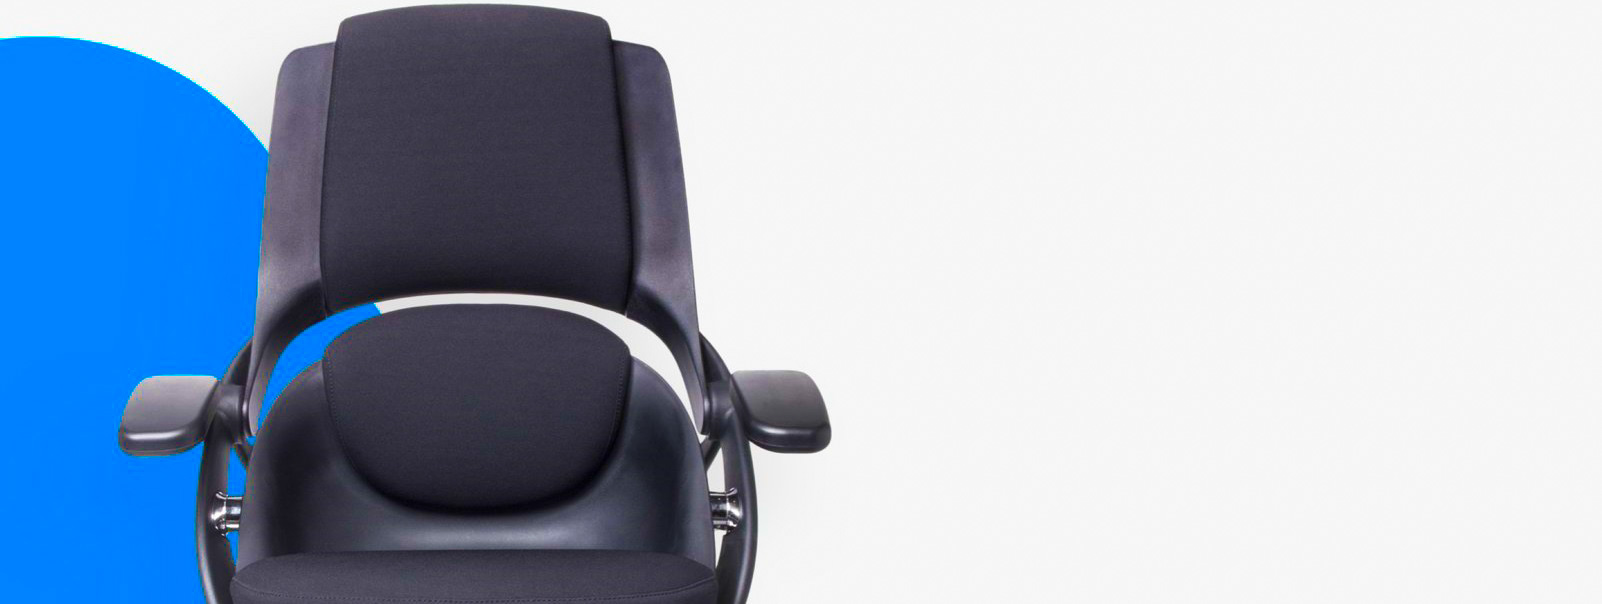 BackStrong - офісний стілець з оптимальною підтримкою попереку